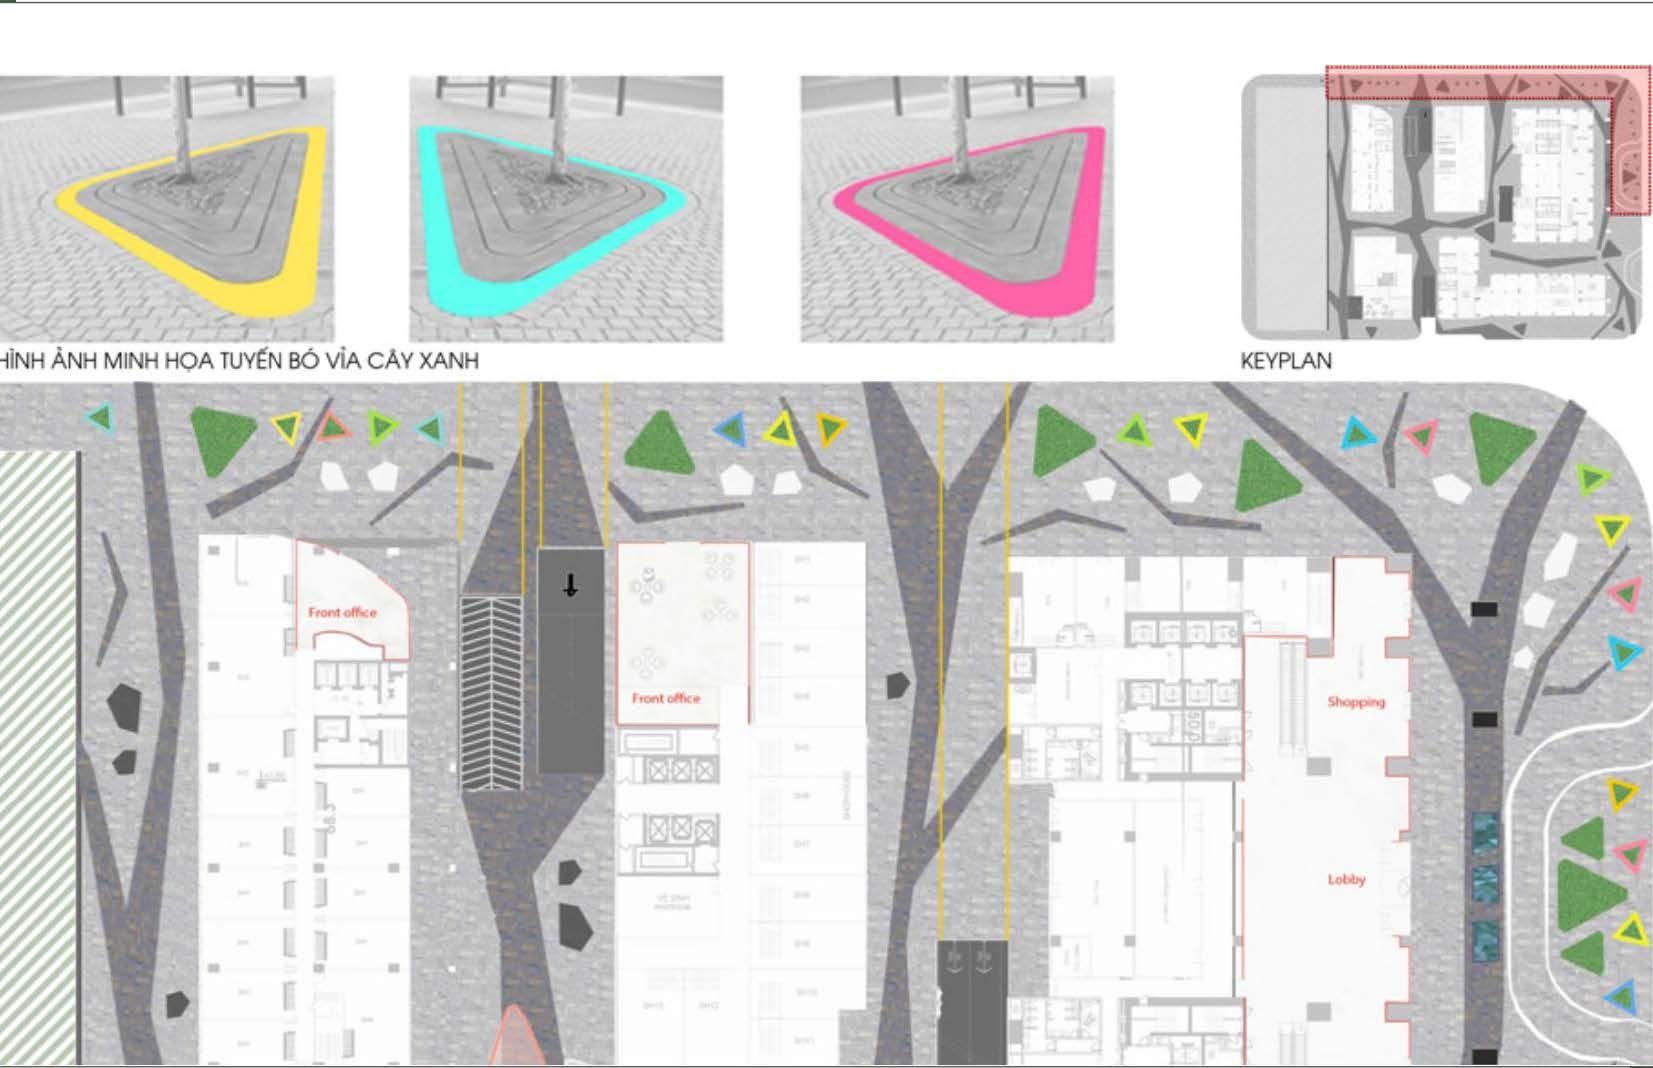 Dự án Kim Long Season Đà Nẵng - Bó vỉa cây xanh